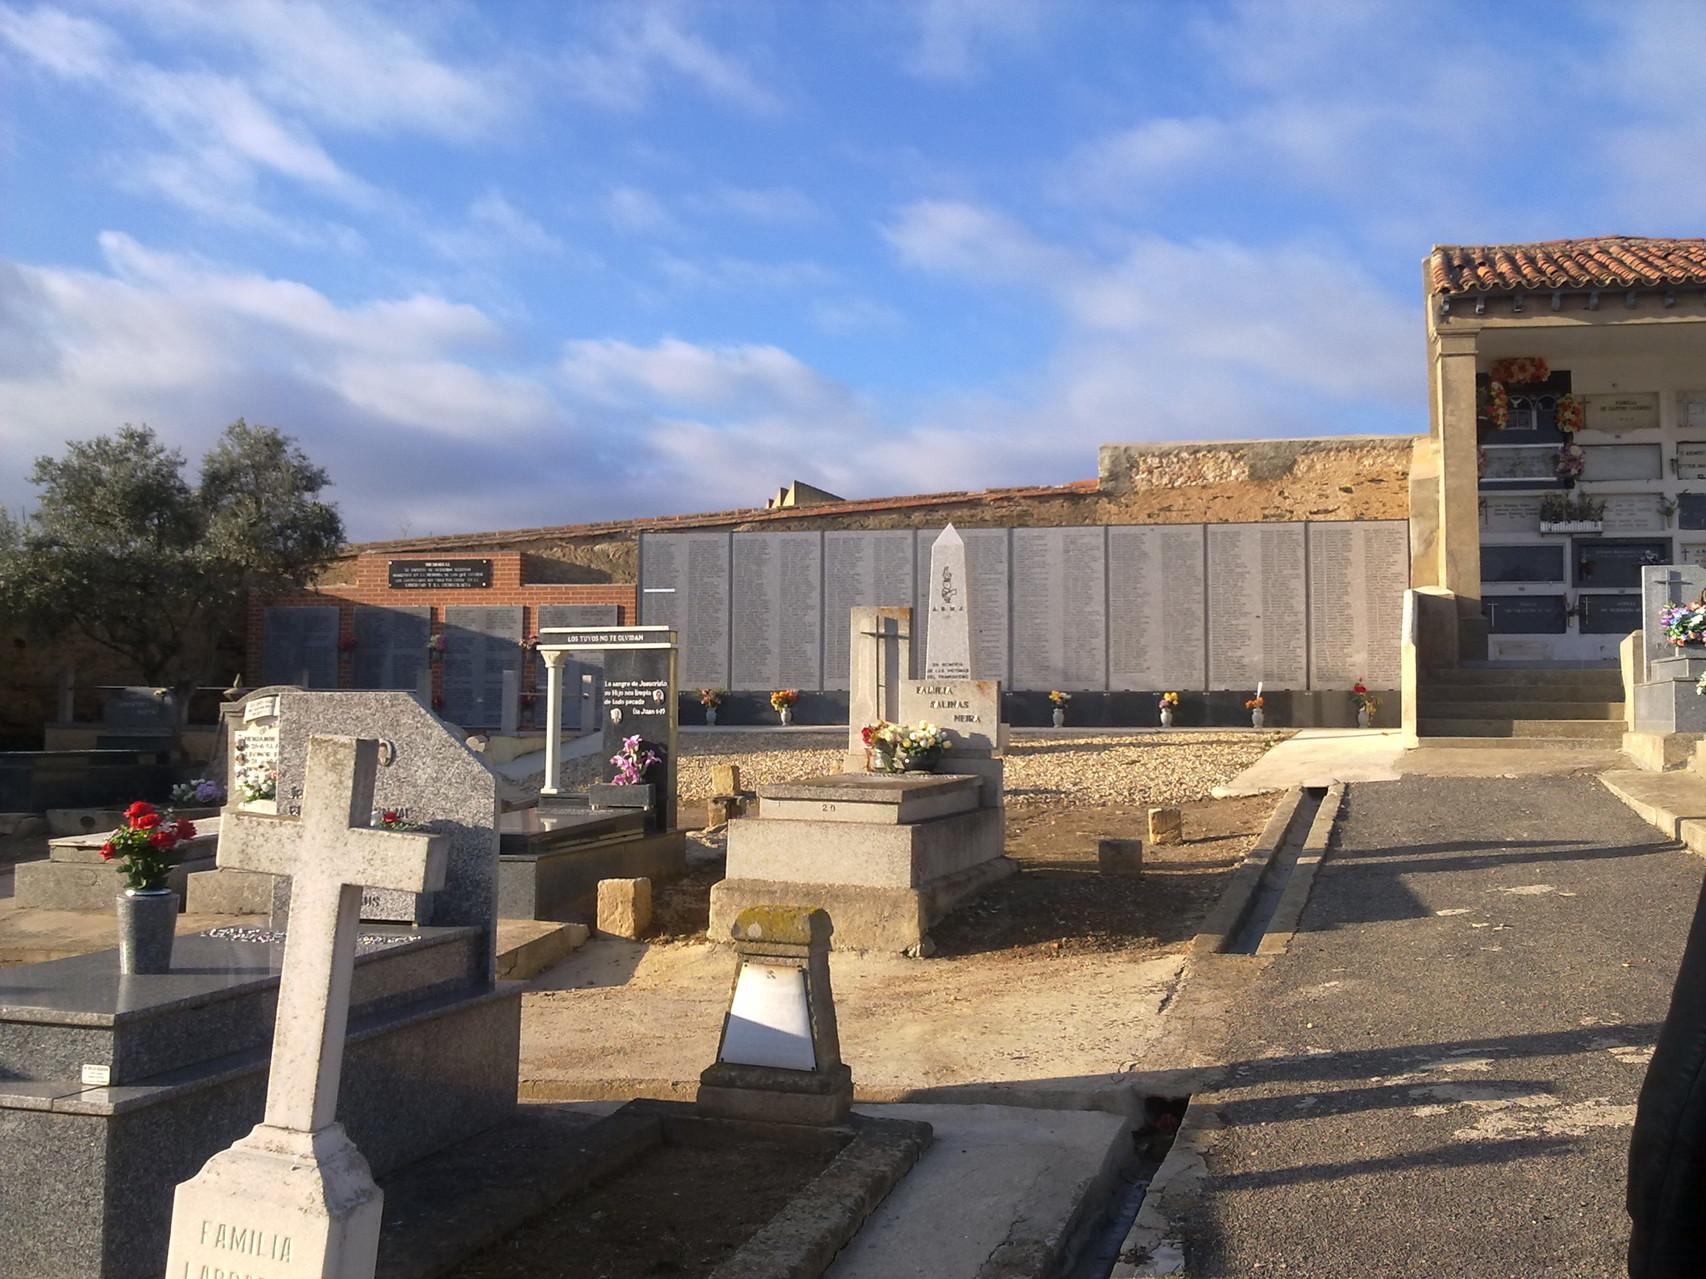 Cementerio civil, Salamanca, al fondo monumento a la memoria, foto propia